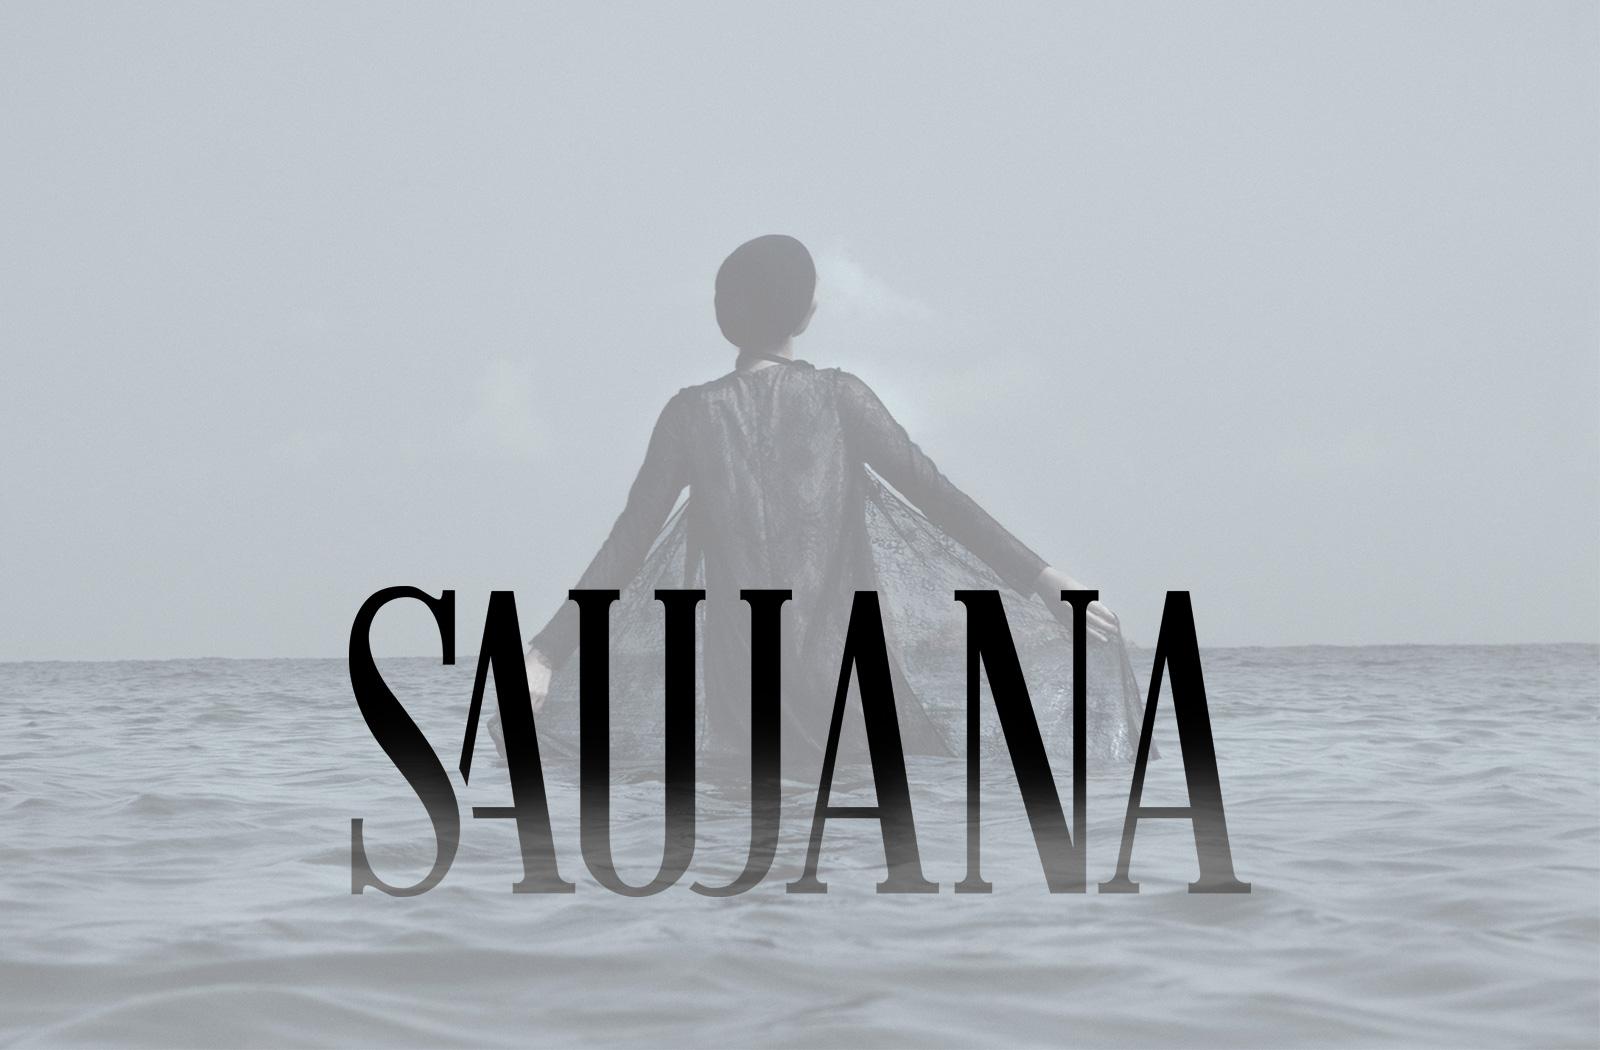 Saujana-Preview-2